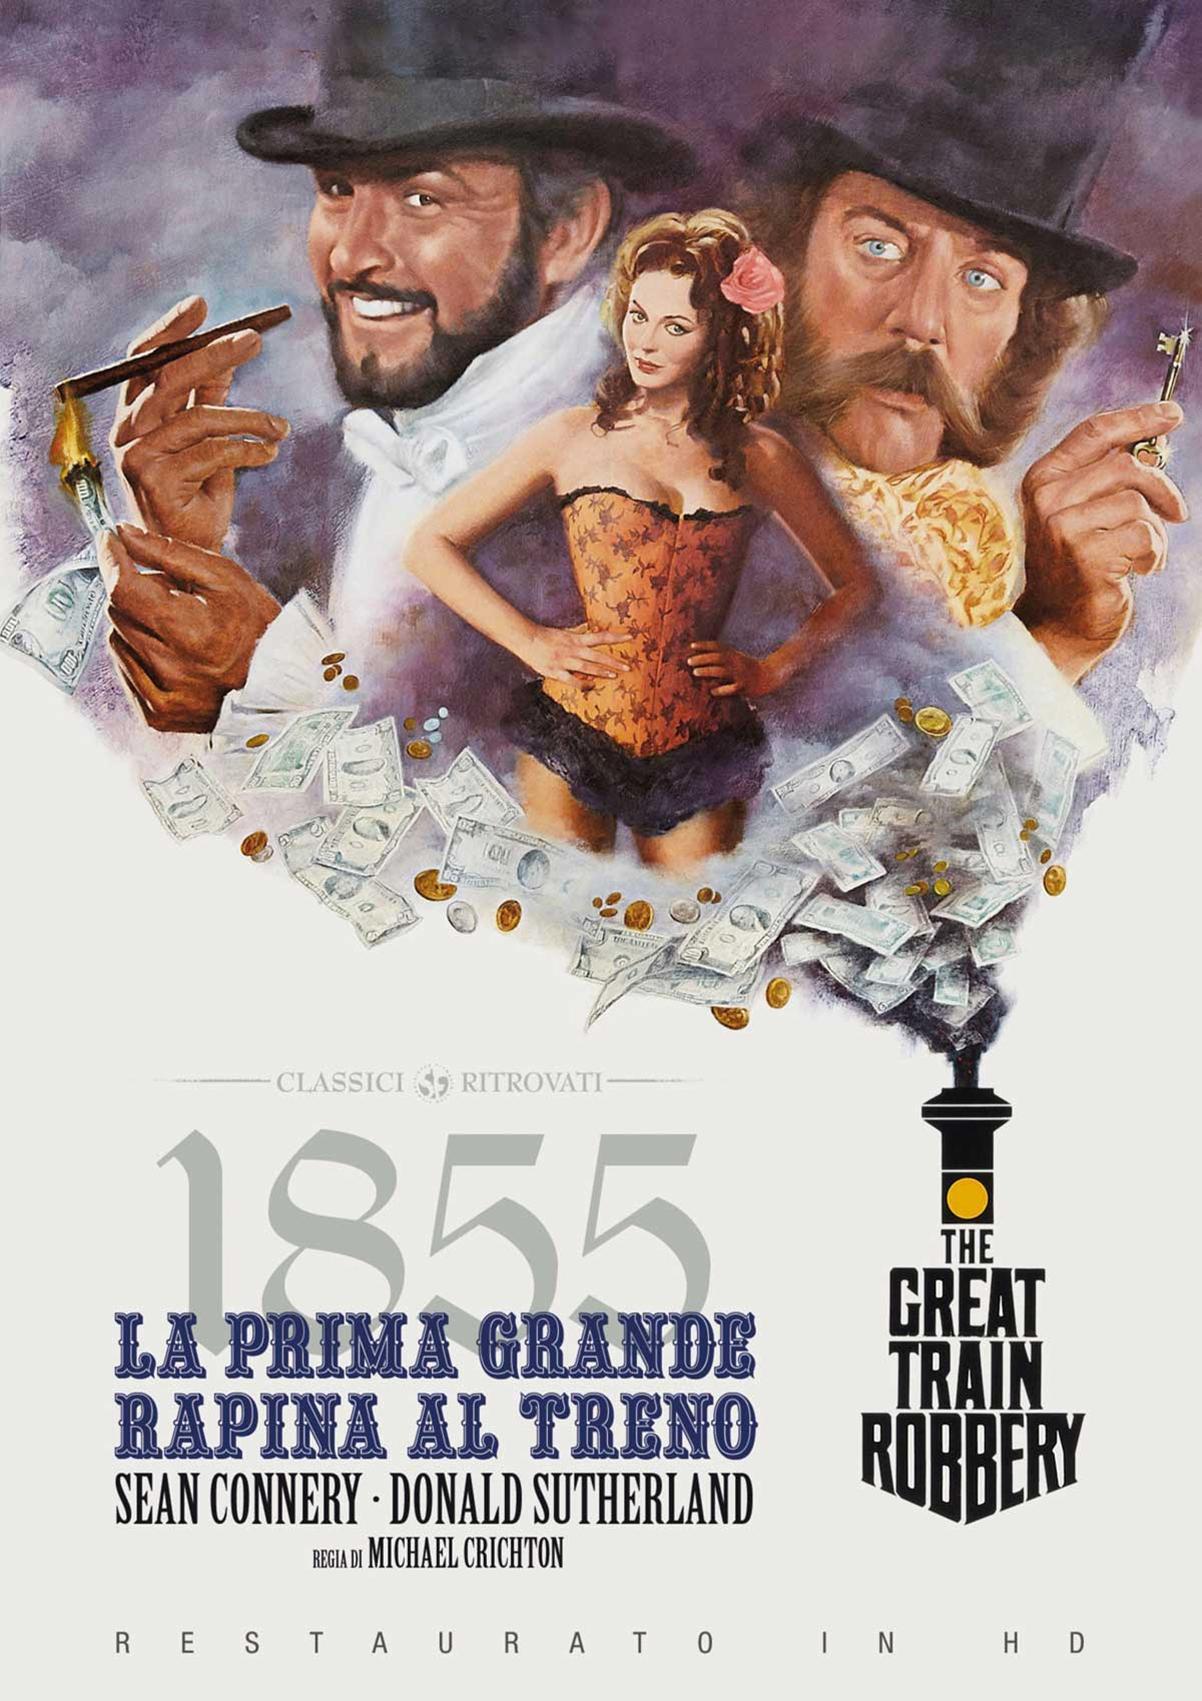 1855: LA PRIMA GRANDE RAPINA AL TRENO (RESTAURATO IN HD) (DVD)